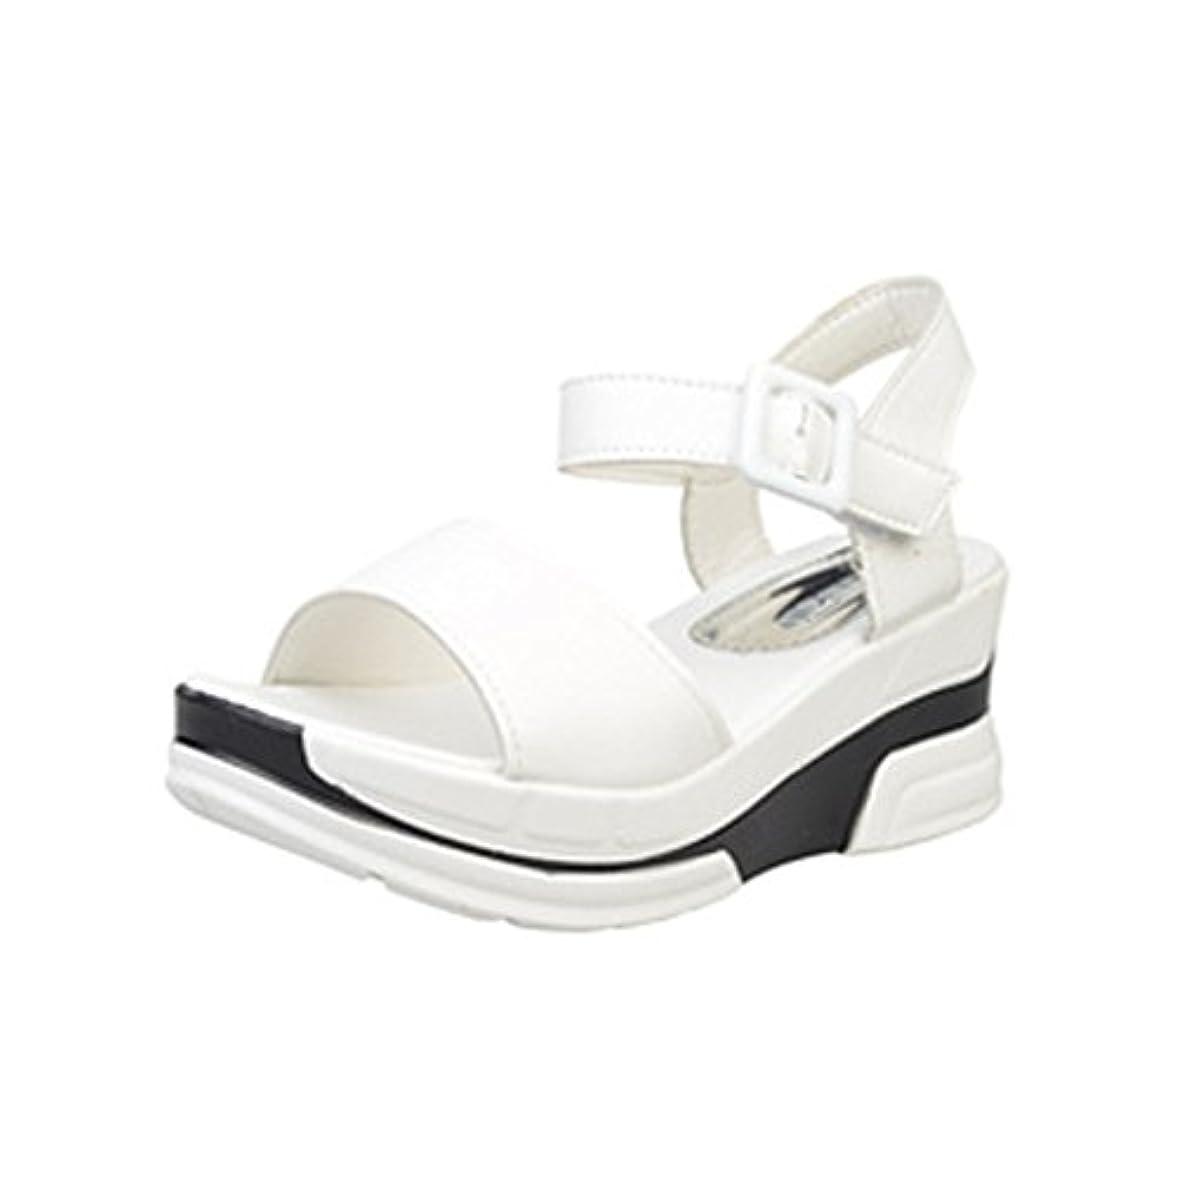 [シューズ Foreted] サンダル フラット アンクルストラップ 美脚 フォーマル 厚底 おしゃれ 夏 歩きやすい コンフォート ウェッジソール ぺたんこ靴 可愛い